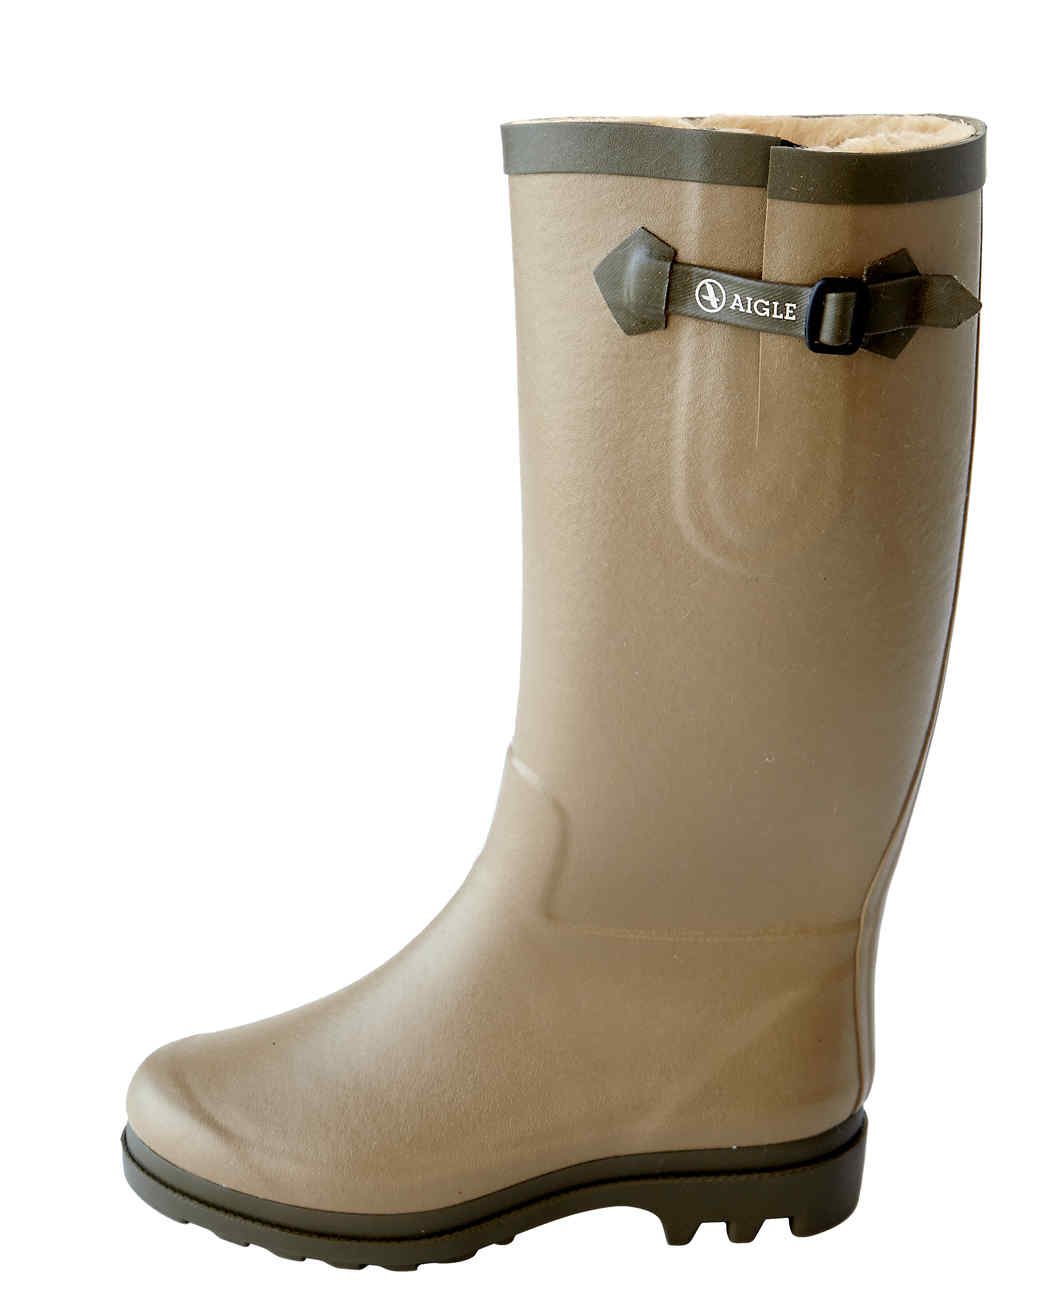 garden-boots-4545-d111384.jpg